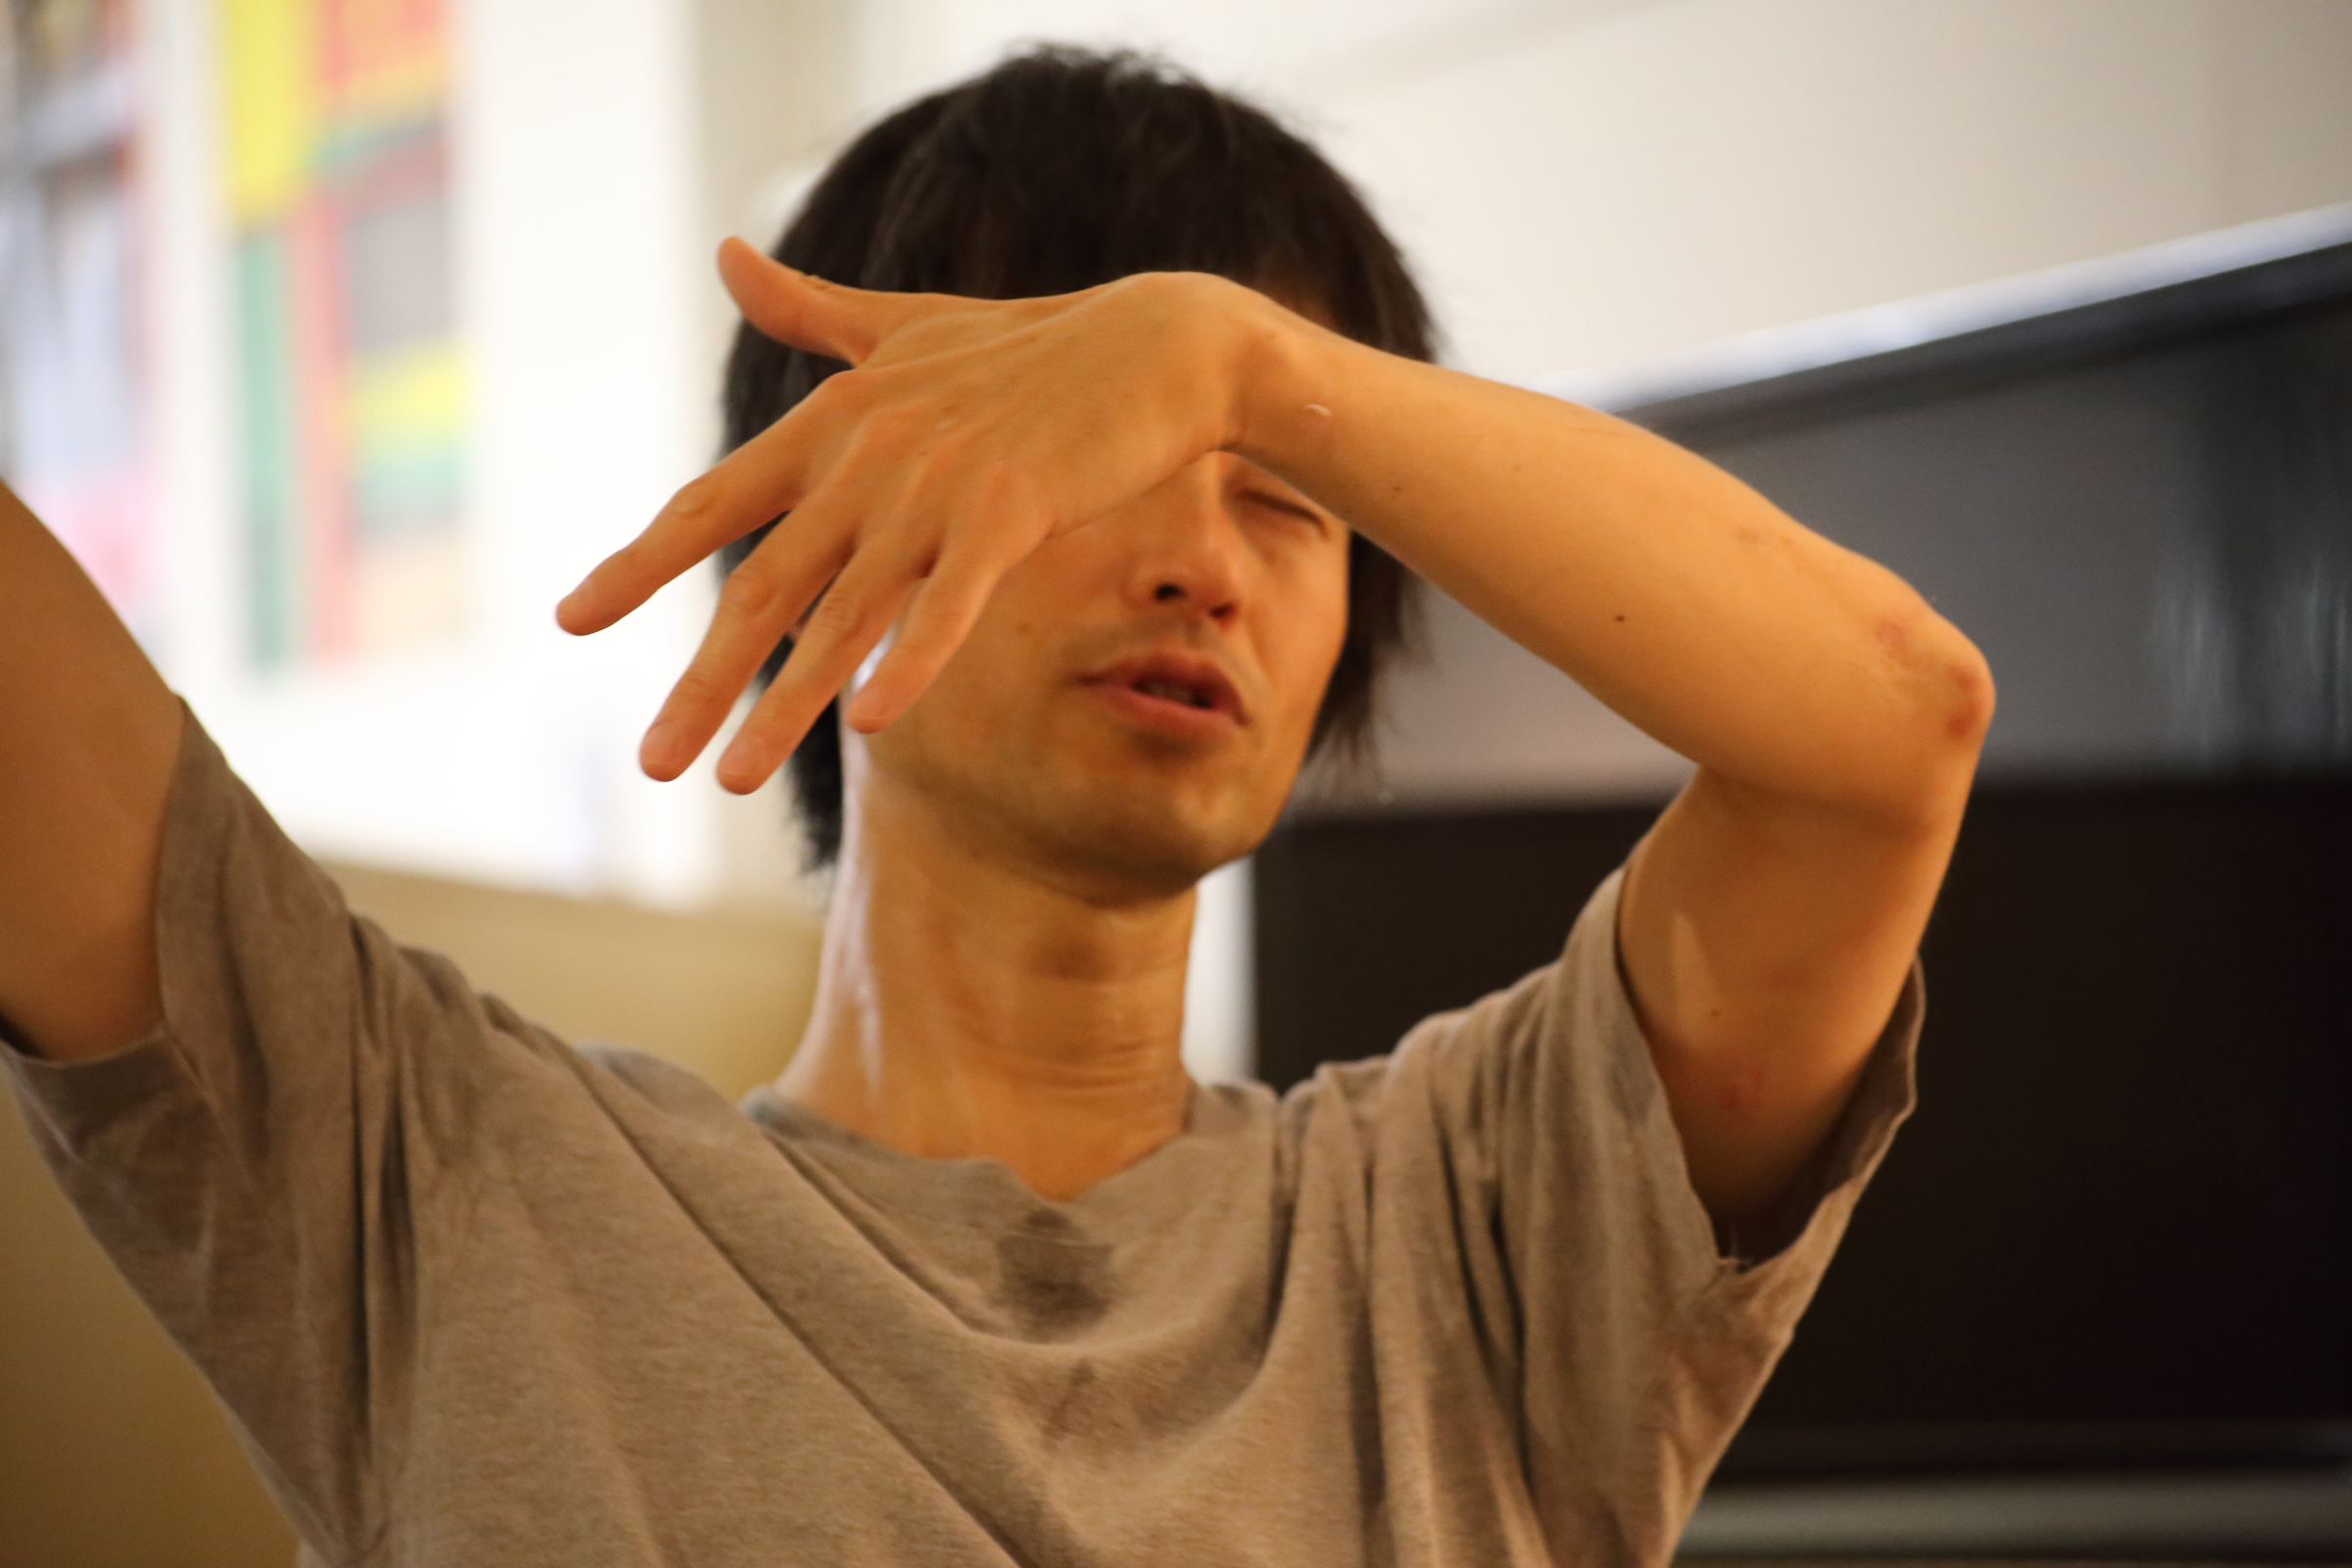 札幌_山下残_Photo Masahiro Hasunuma Photo courtesy Assembridge NAGOYA Executive Committee